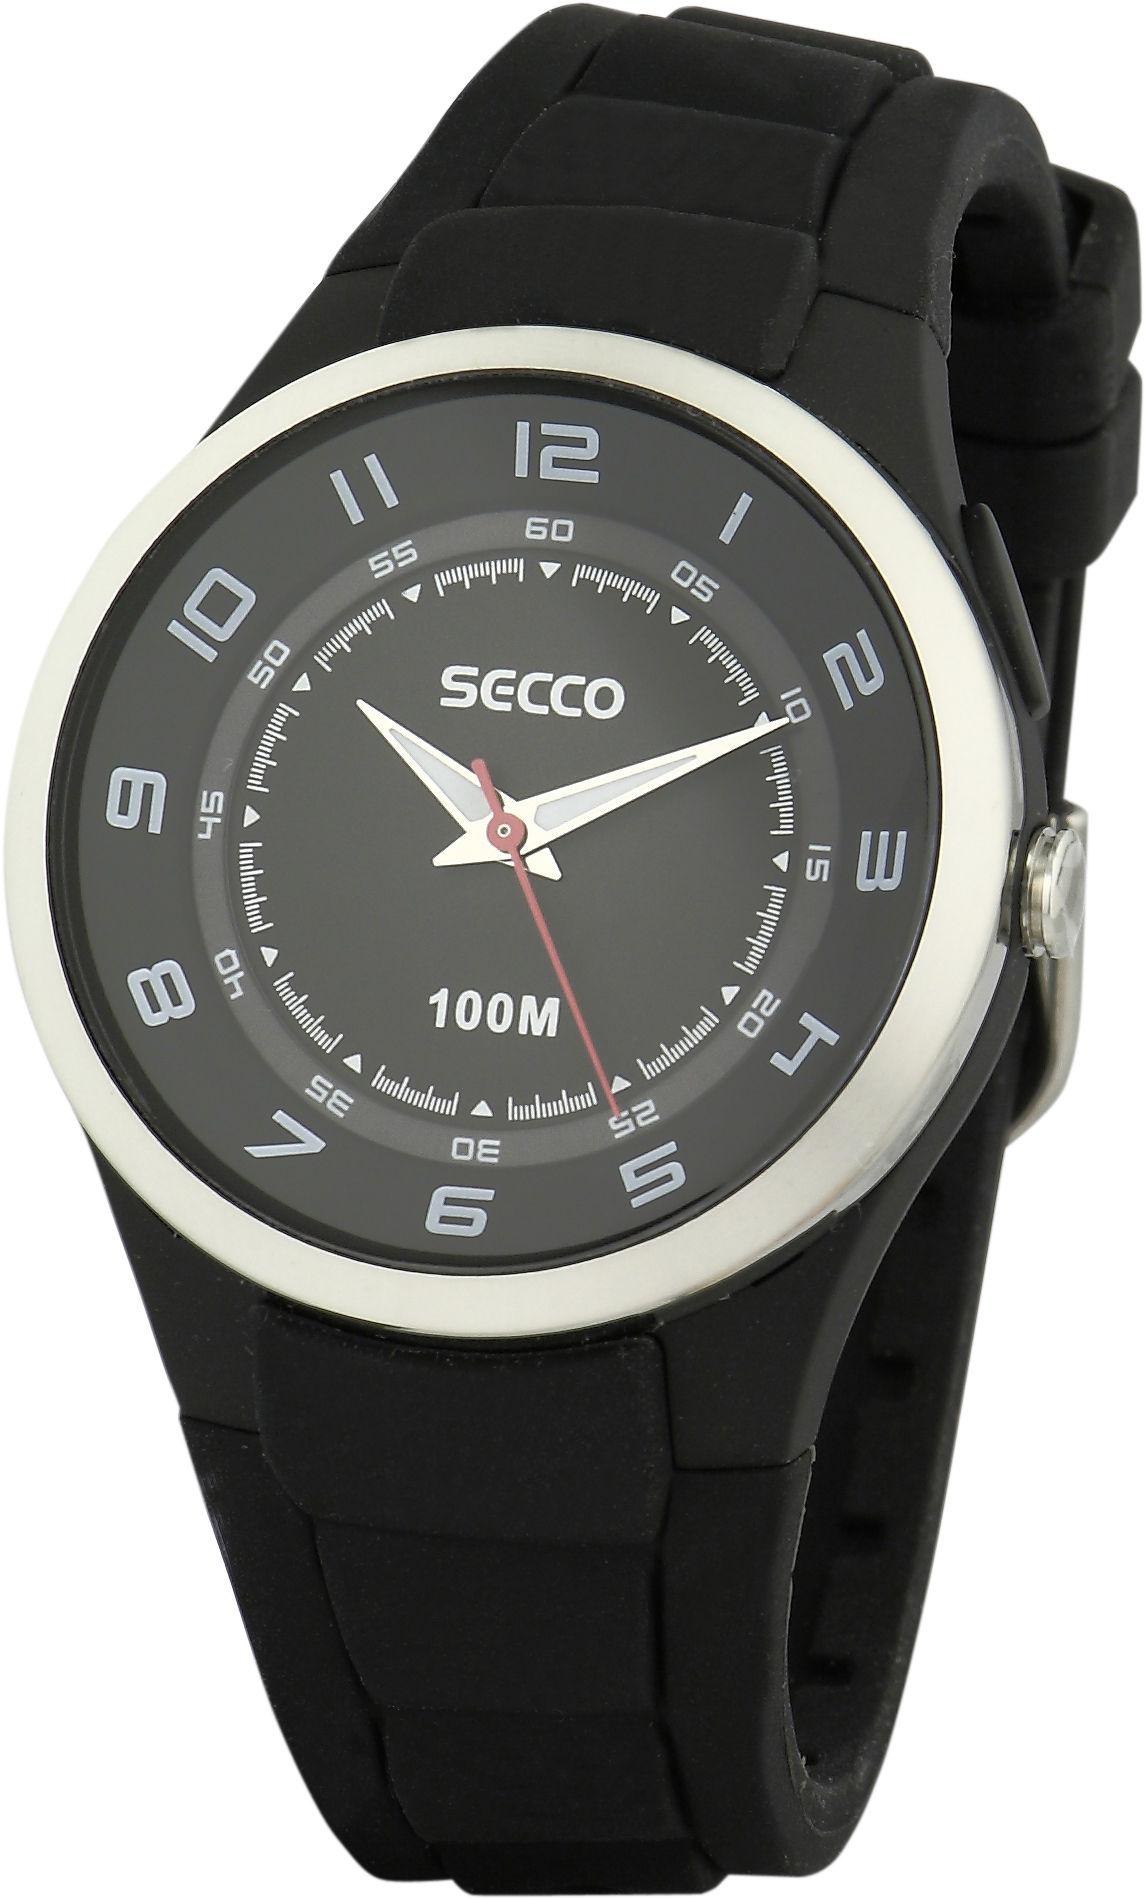 5c0be87a7d Secco S DOB-006